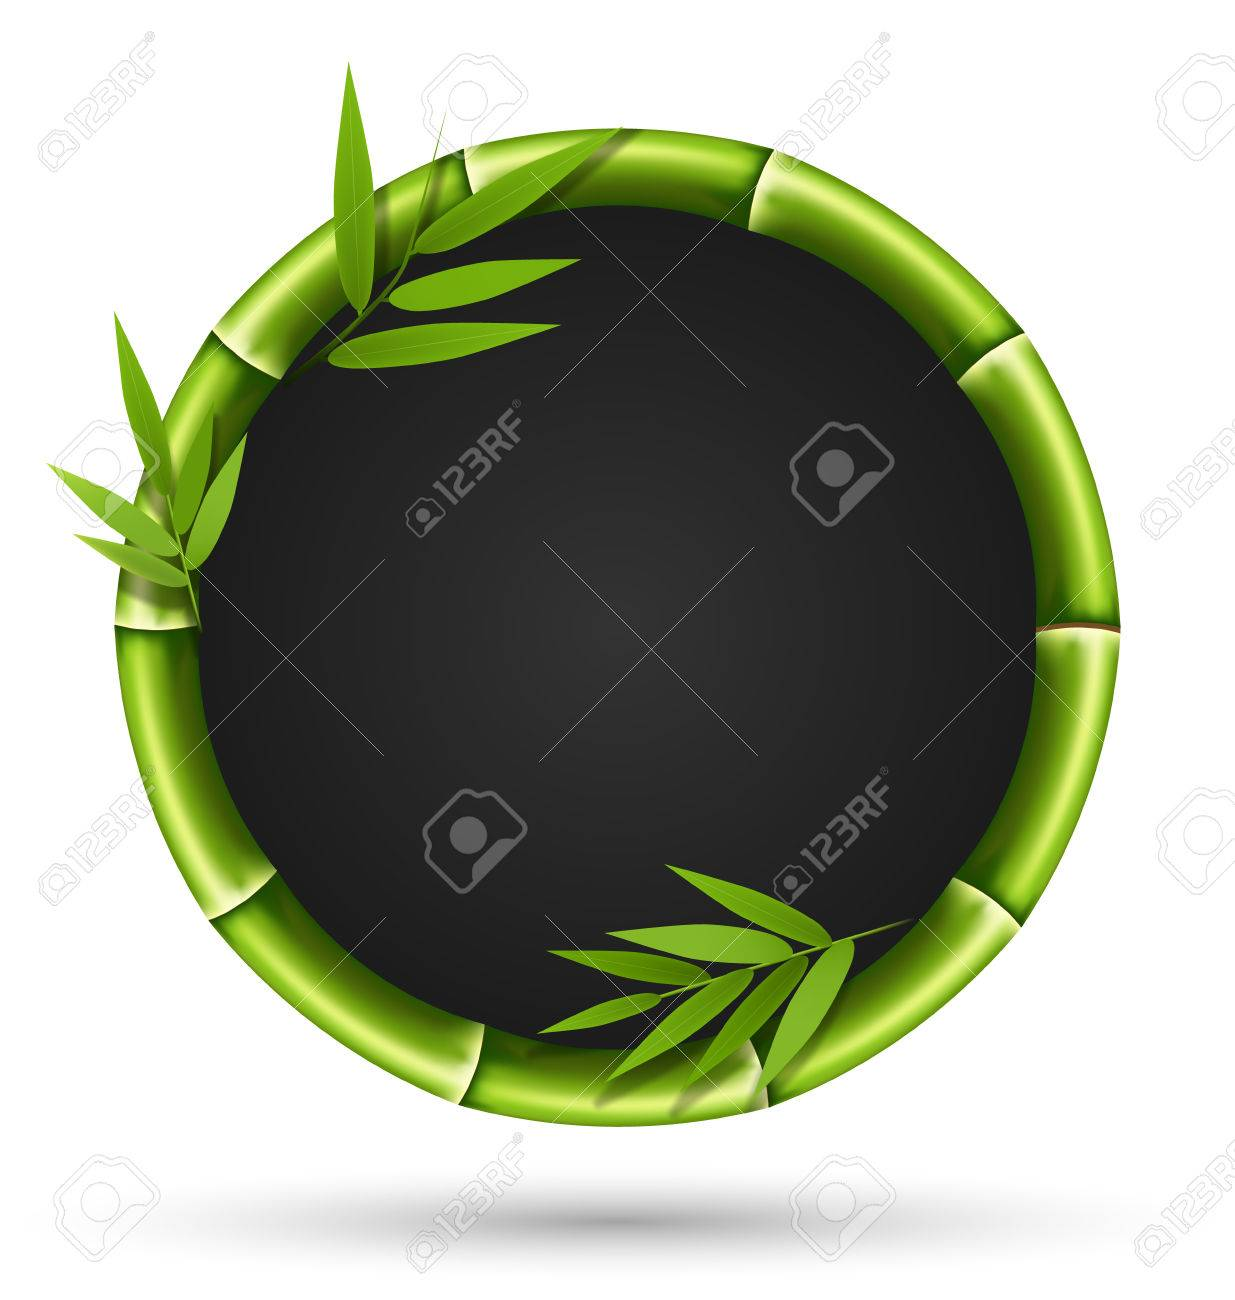 Grüner Bambus Kreis-Rahmen Auf Weißem Hintergrund Lizenzfrei ...